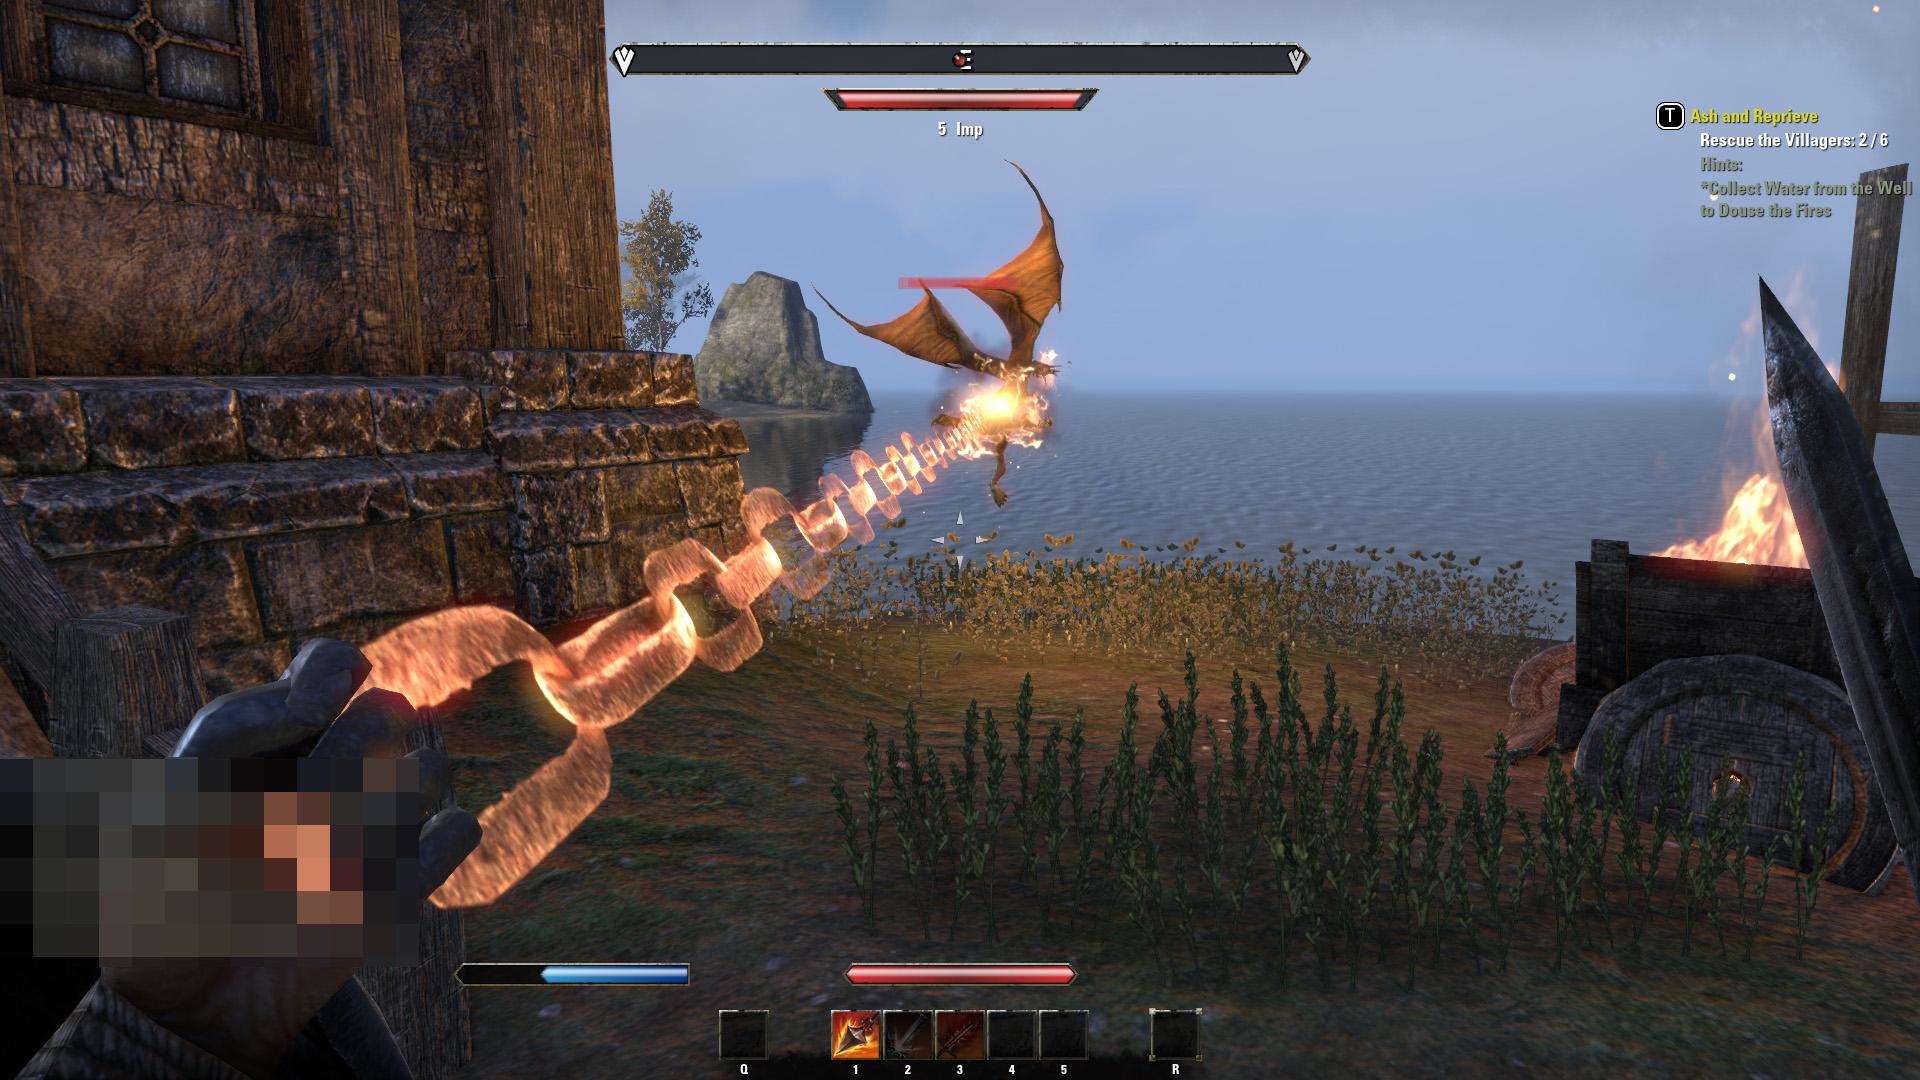 燃える鎖で敵を引き寄せる「Fiery Reach」